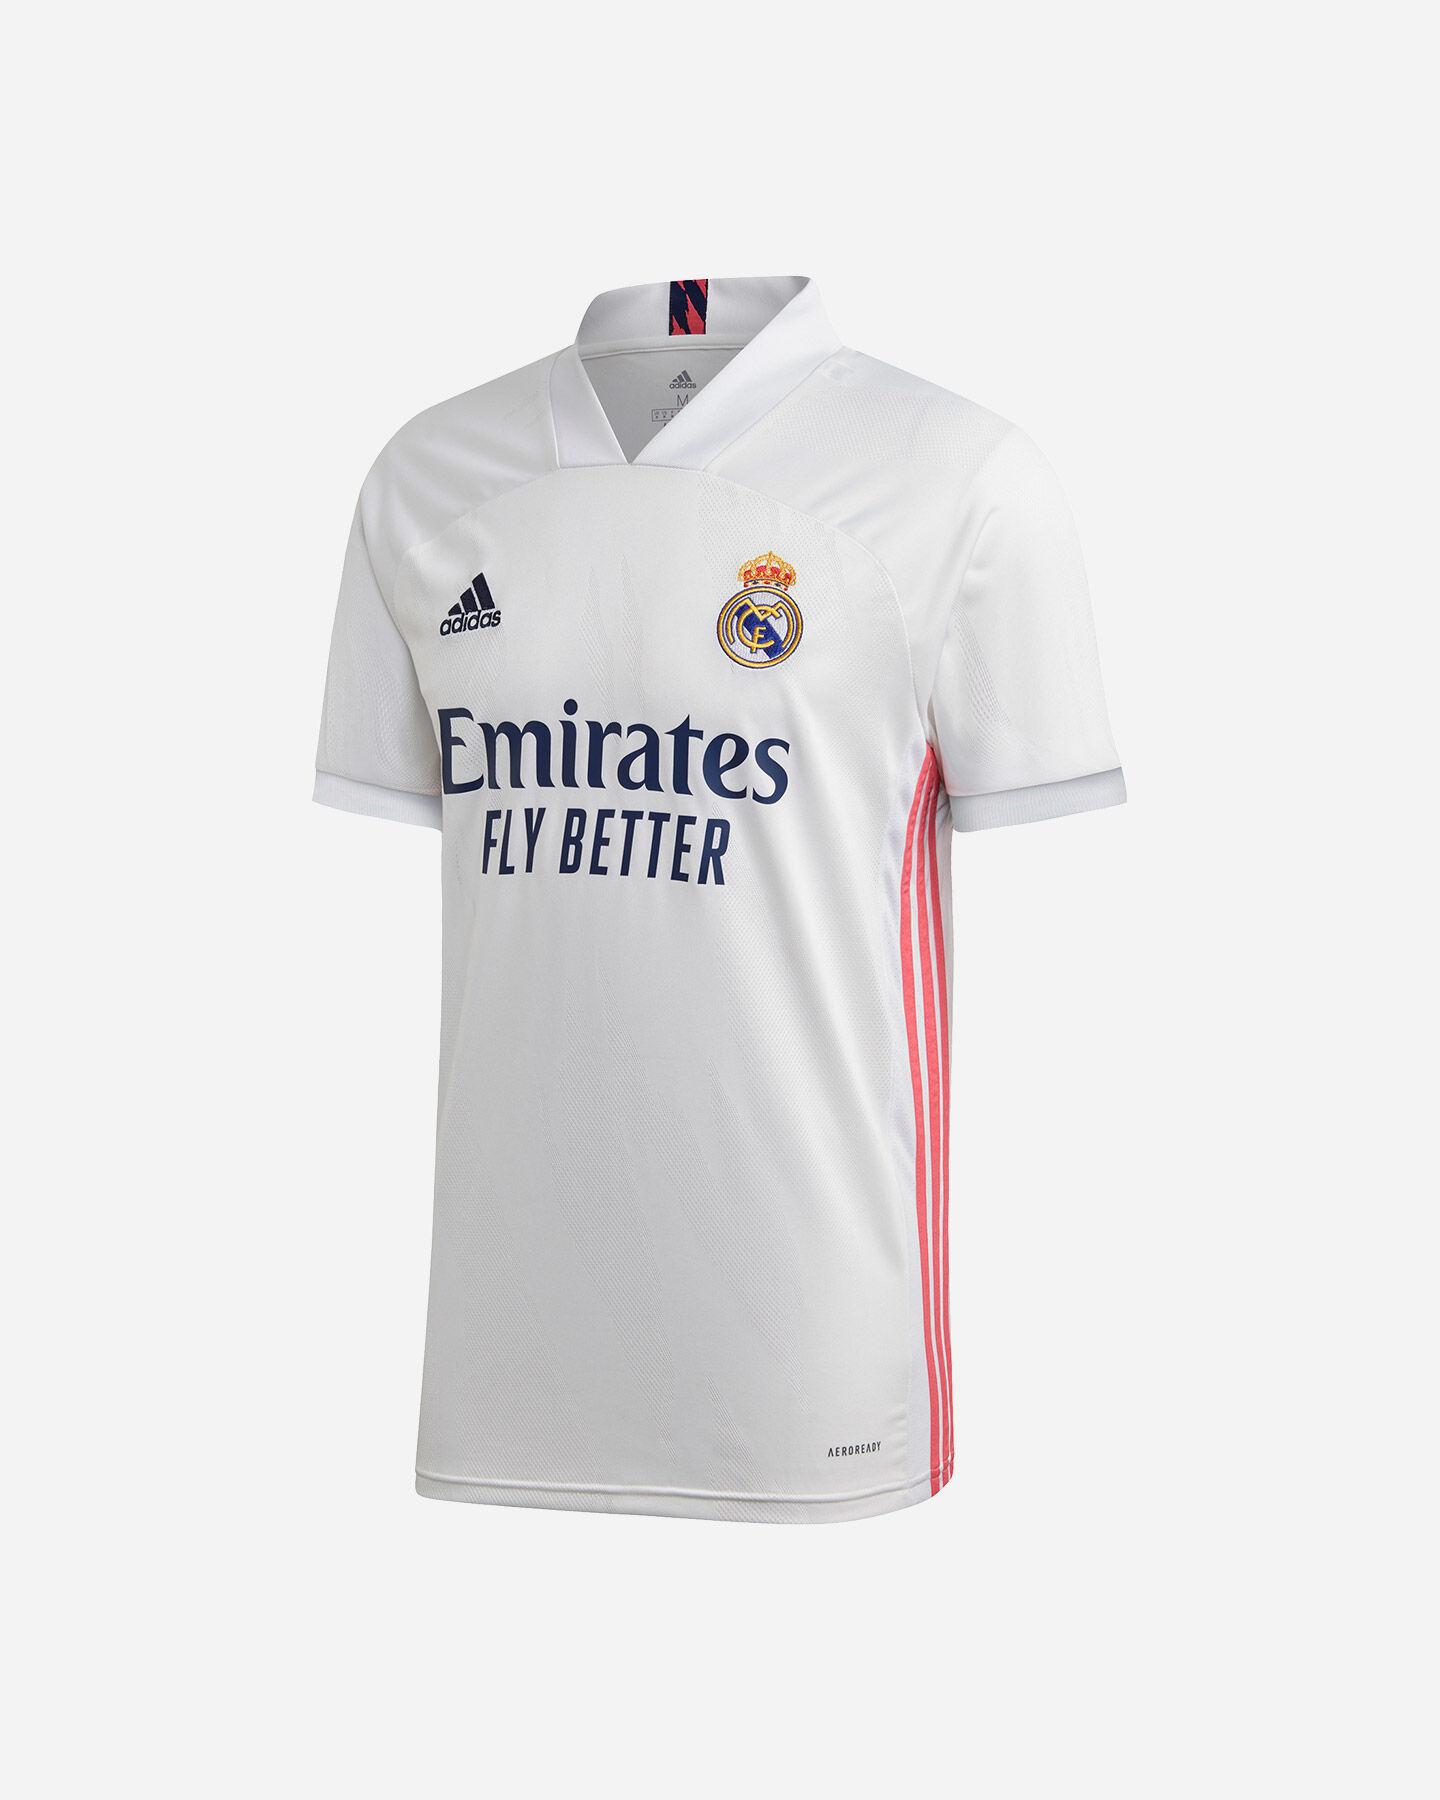 ZGDGG Maglie da Uomo Maglia da Calcio Real Madrid Fútbol 2020-21 ...